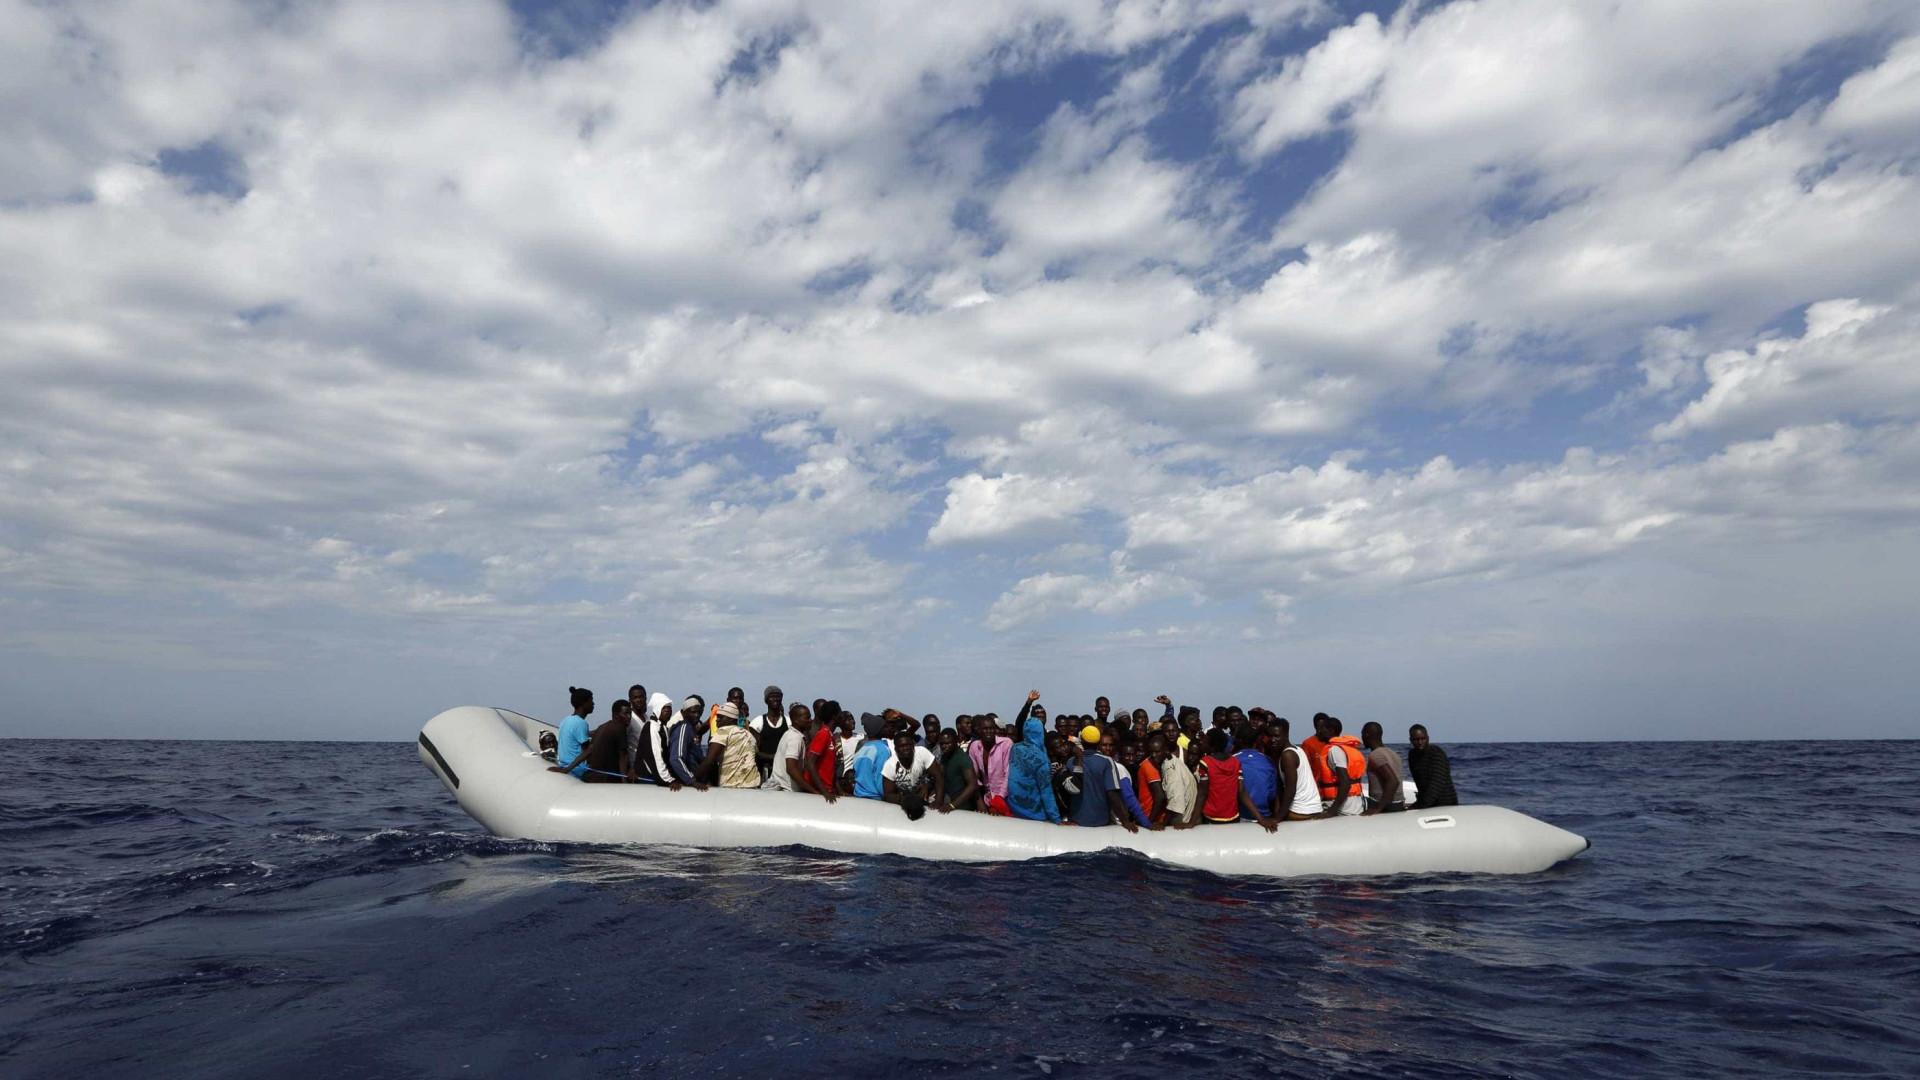 Quatro pessoas morrem e 30 desaparecem após naufrágio na Turquia